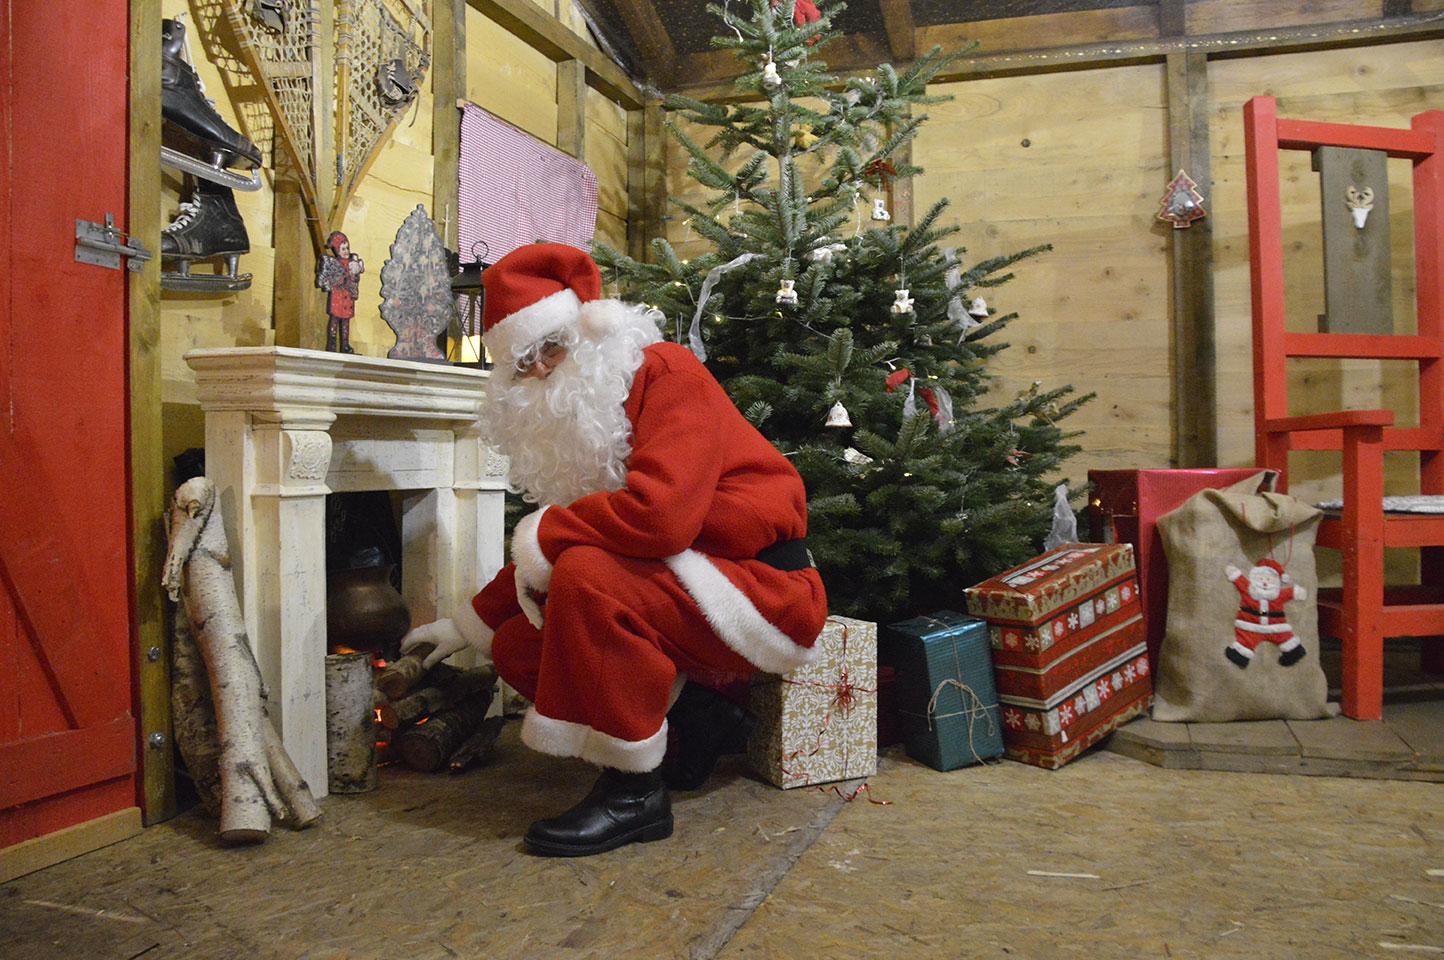 Bonhomme de neige-personnalisé-Nativité-Noël Noël-Santa-Rudolf-Prière